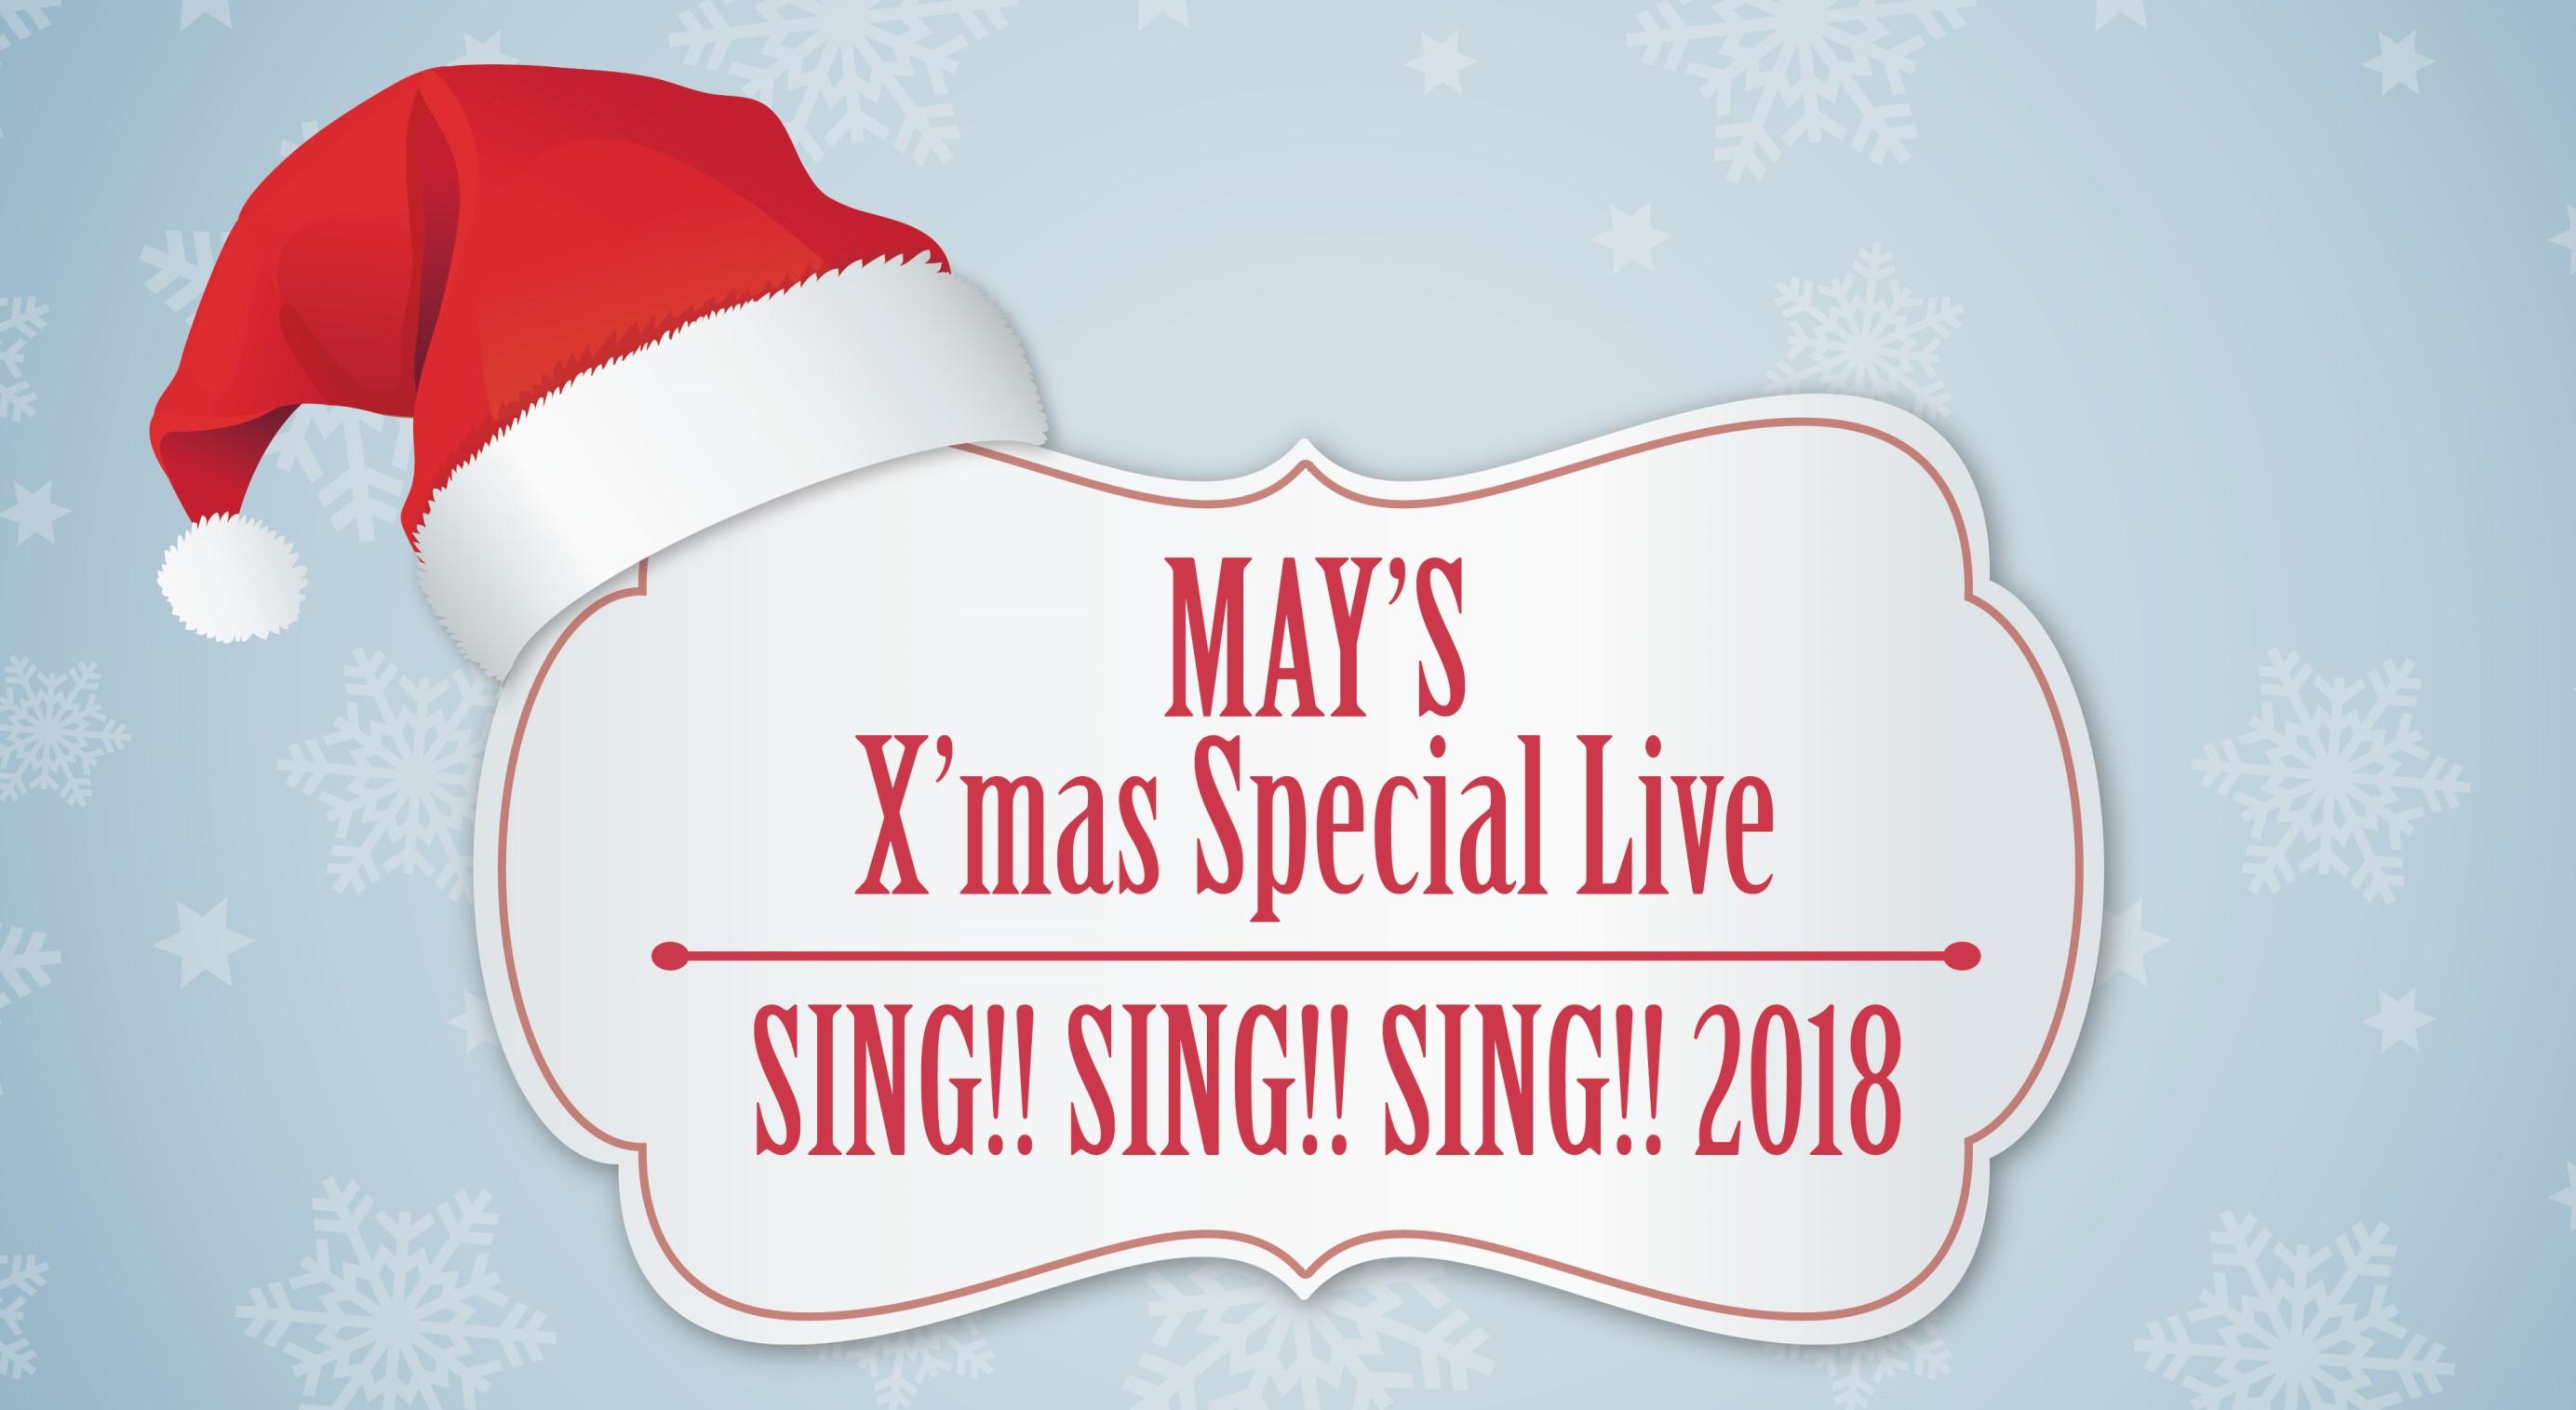 [1公演目] MAY'S X'mas Special Live SING SING SING 2018